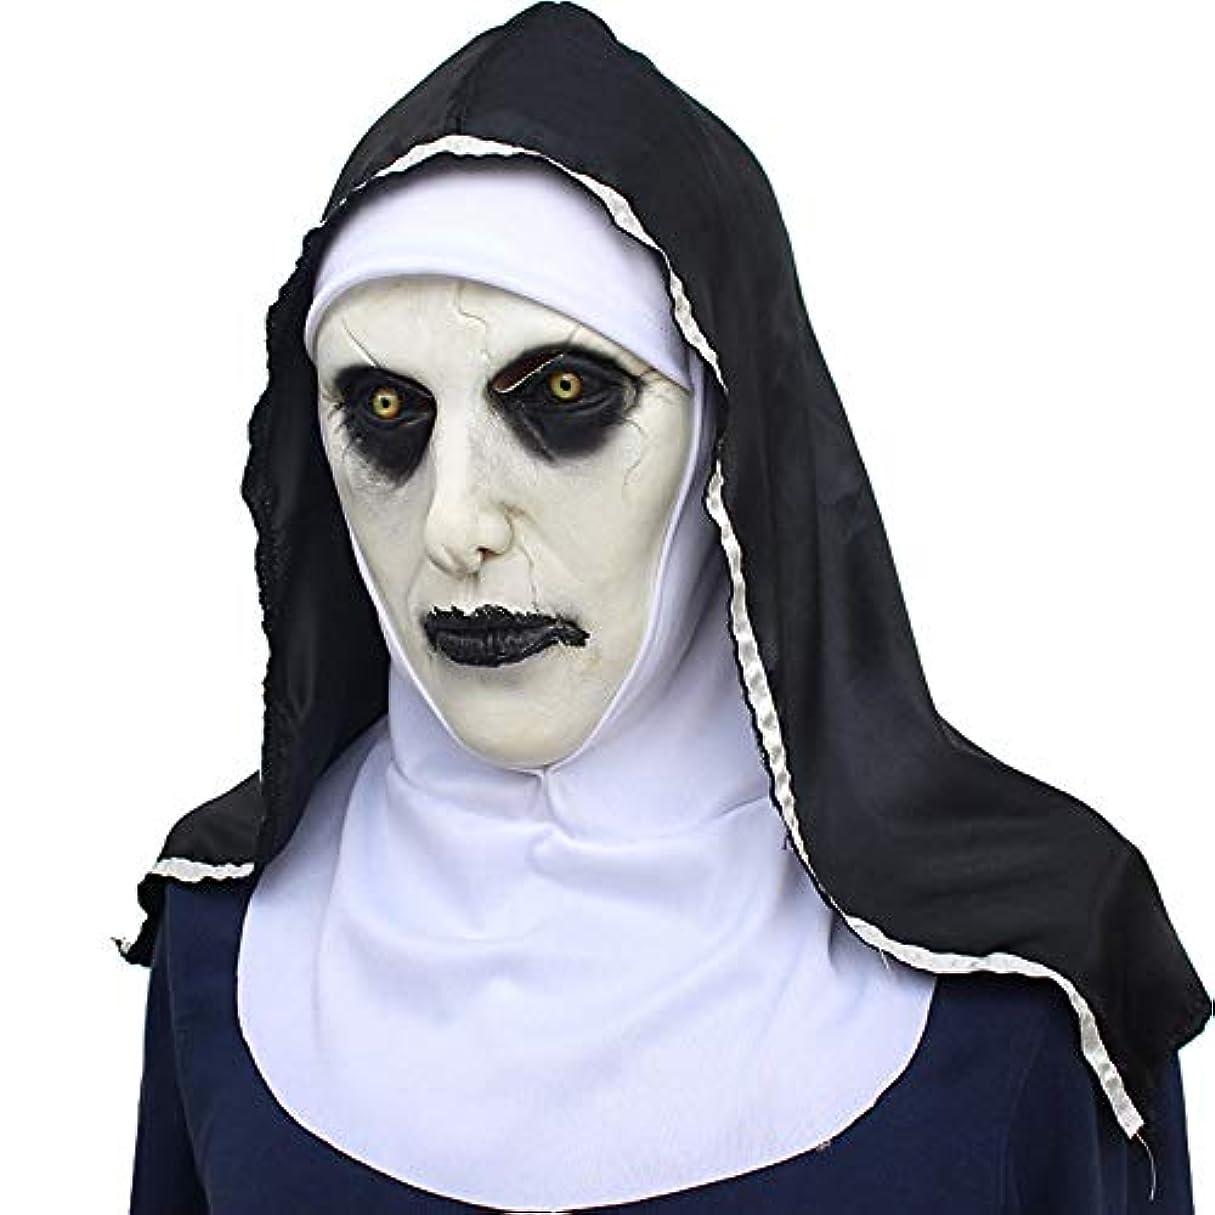 世論調査暗黙レイアウトハロウィーンラテックスマスクホラー修道女フェイスマスクパーティー怖い面白い小道具